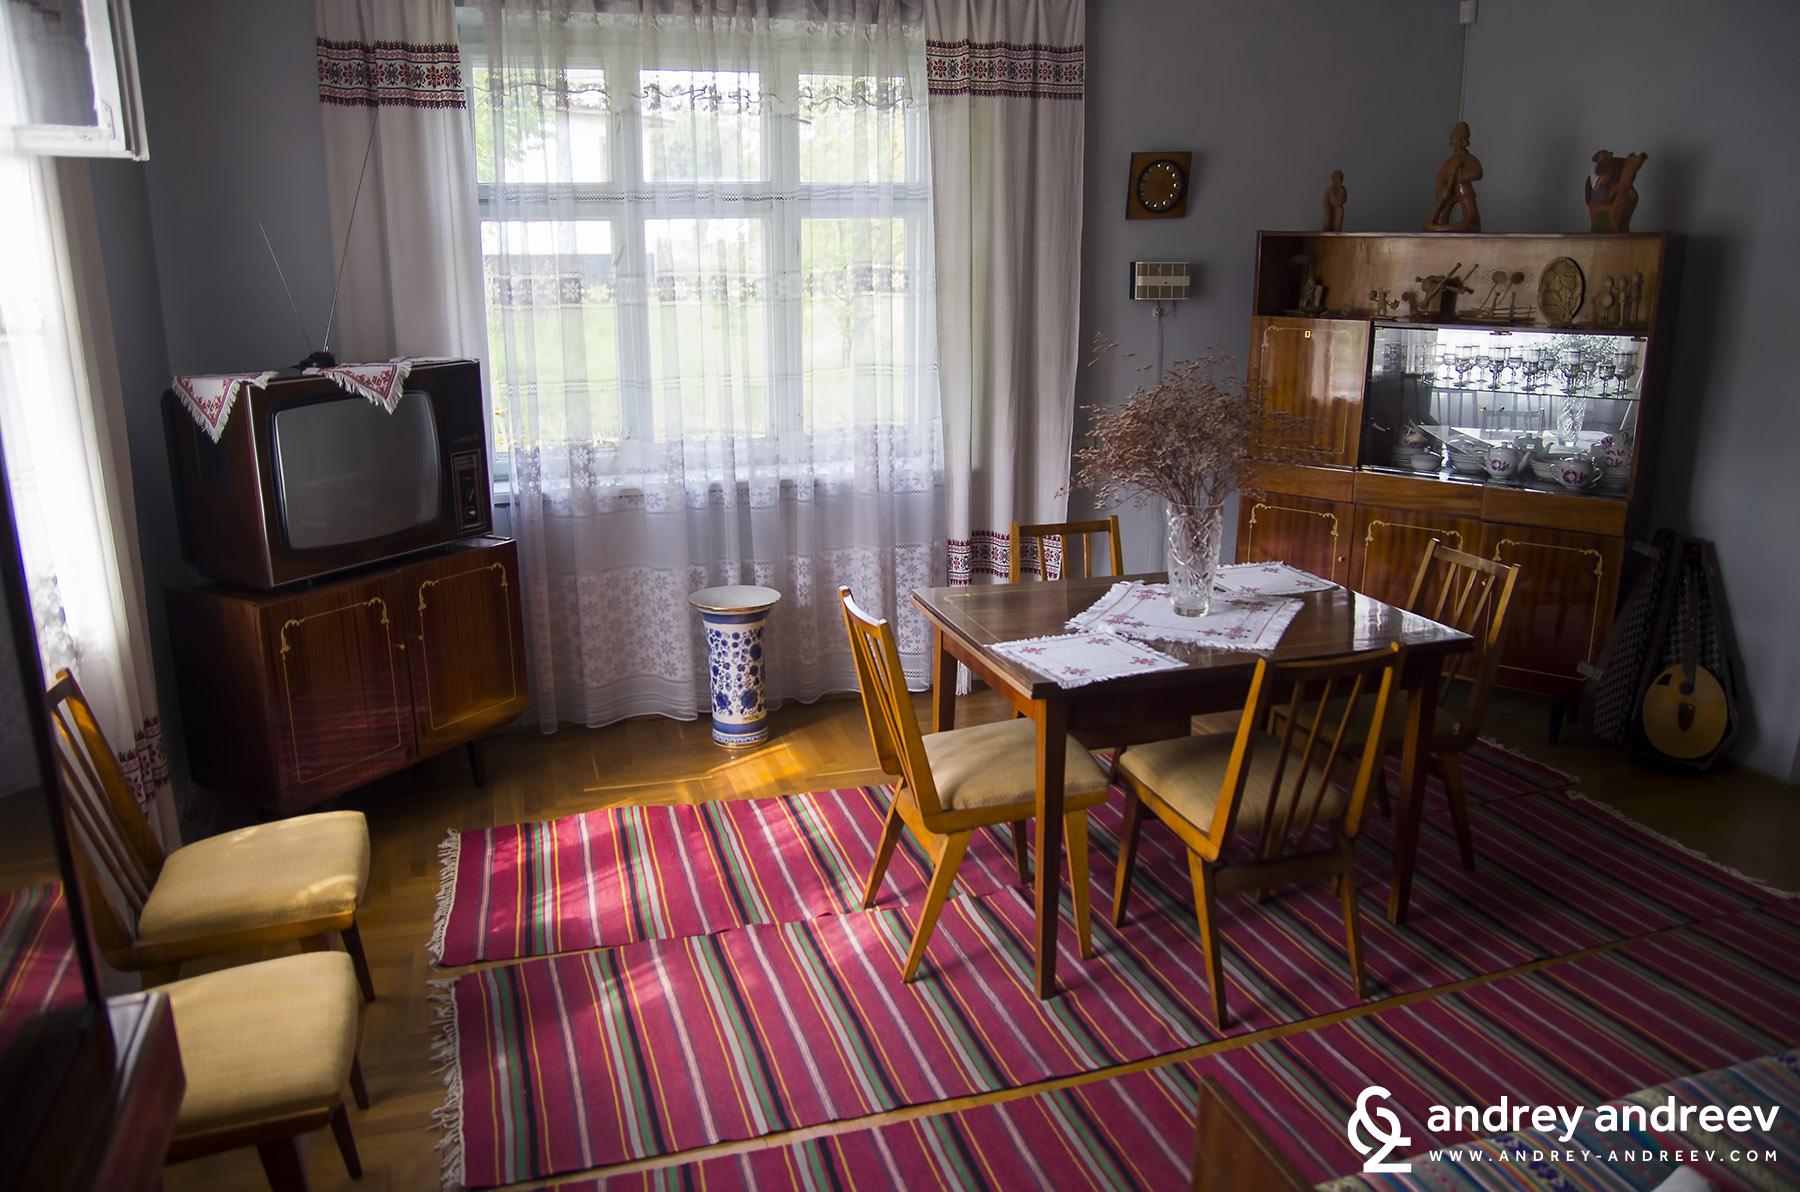 Една къща (будинок – укр. ) от село Иване-Пусте (укр. Іване-Пусте) от Тернополска област (близо до границите на Словакия, Полша, Унгария и Румъния).